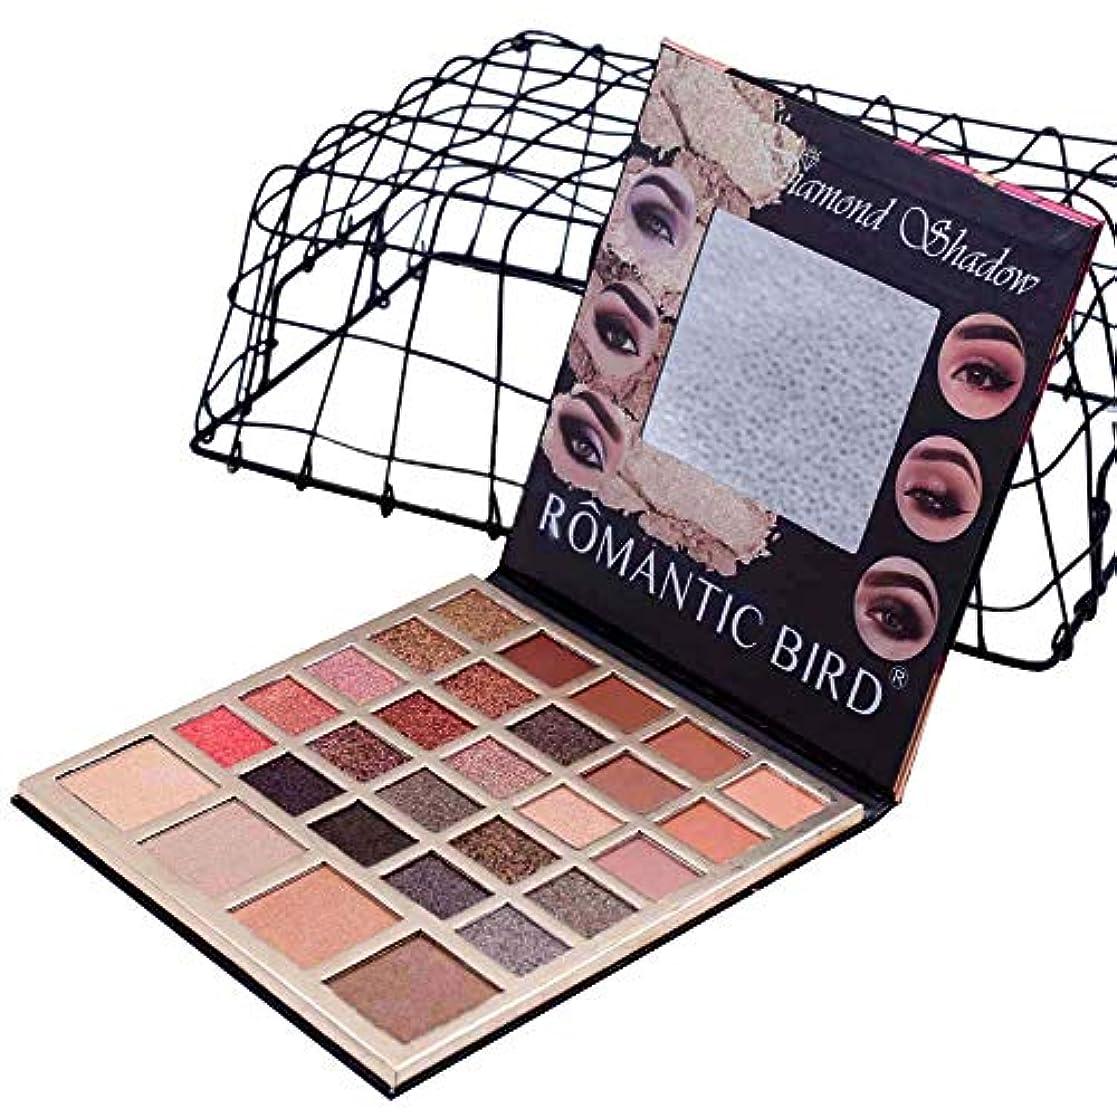 石灰岩悪化させる火薬Akane アイシャドウパレット ファッション ROMATIC BIRD 人気 魅力的 綺麗 キラキラ 防水 長持ち マット おしゃれ チャーム 落としにくい 持ち便利 Eye Shadow (29色) 8007